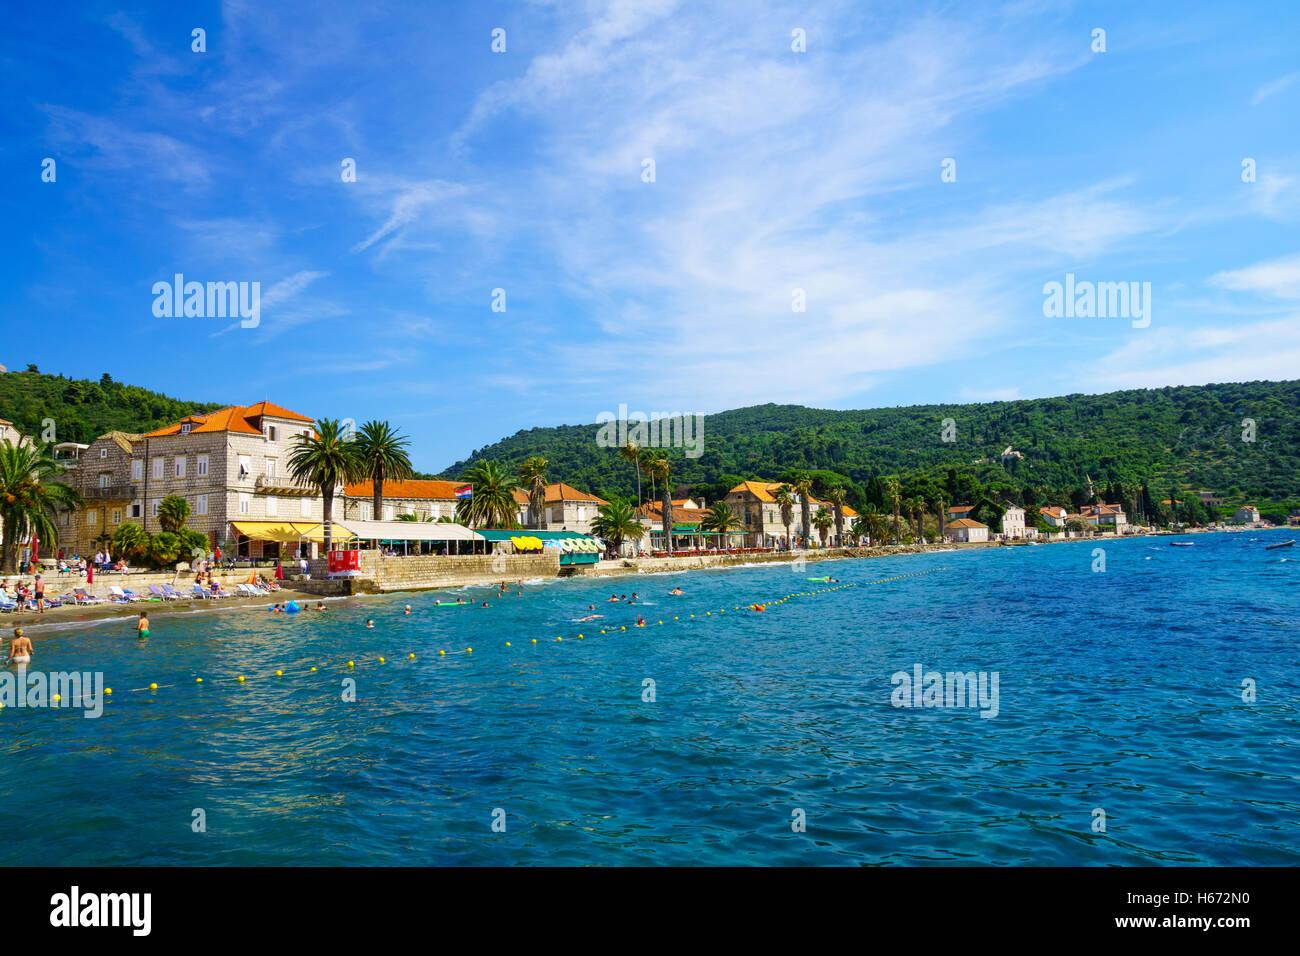 LOPUD, Kroatien - 27. Juni 2015: Szene der Fischerhafen und der Strand, mit Booten, einheimische und Touristen im Stockbild